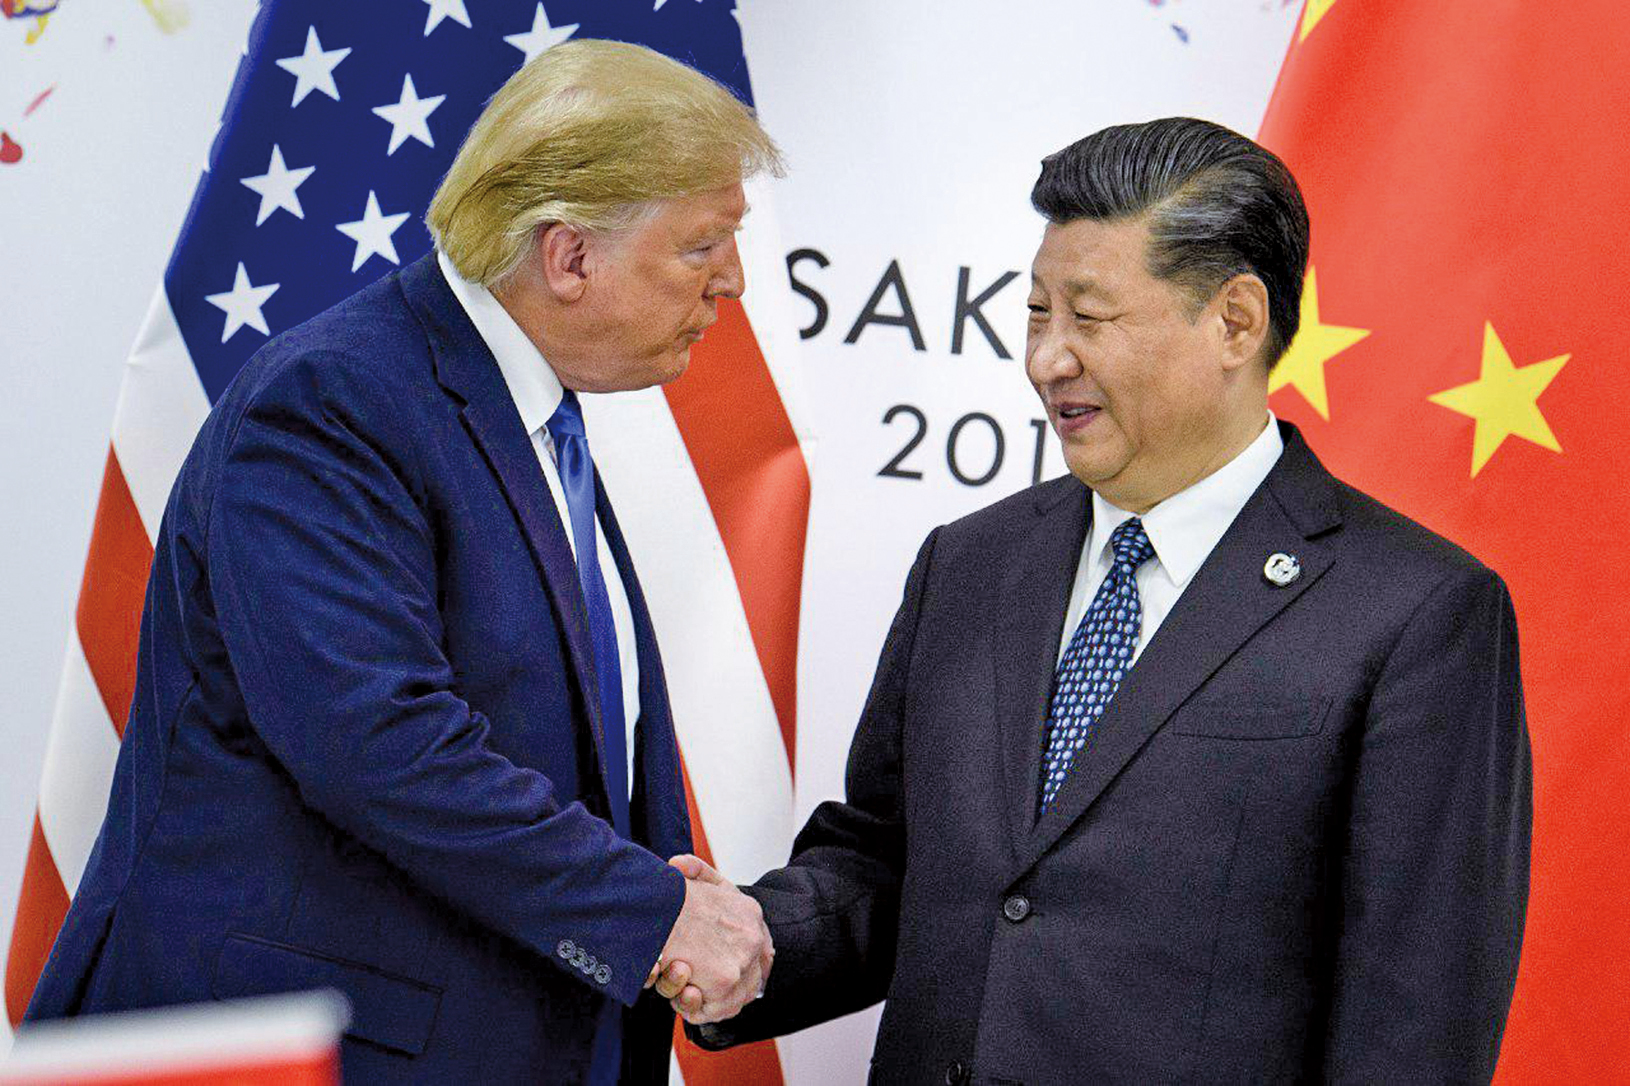 2019年6月29日,在大阪舉行的G20峰會期間,中美雙邊會議前中共國家主席習近平(右)與美國總統特朗普握手合影。(BRENDAN SMIALOWSKI / AFP / Getty Images)